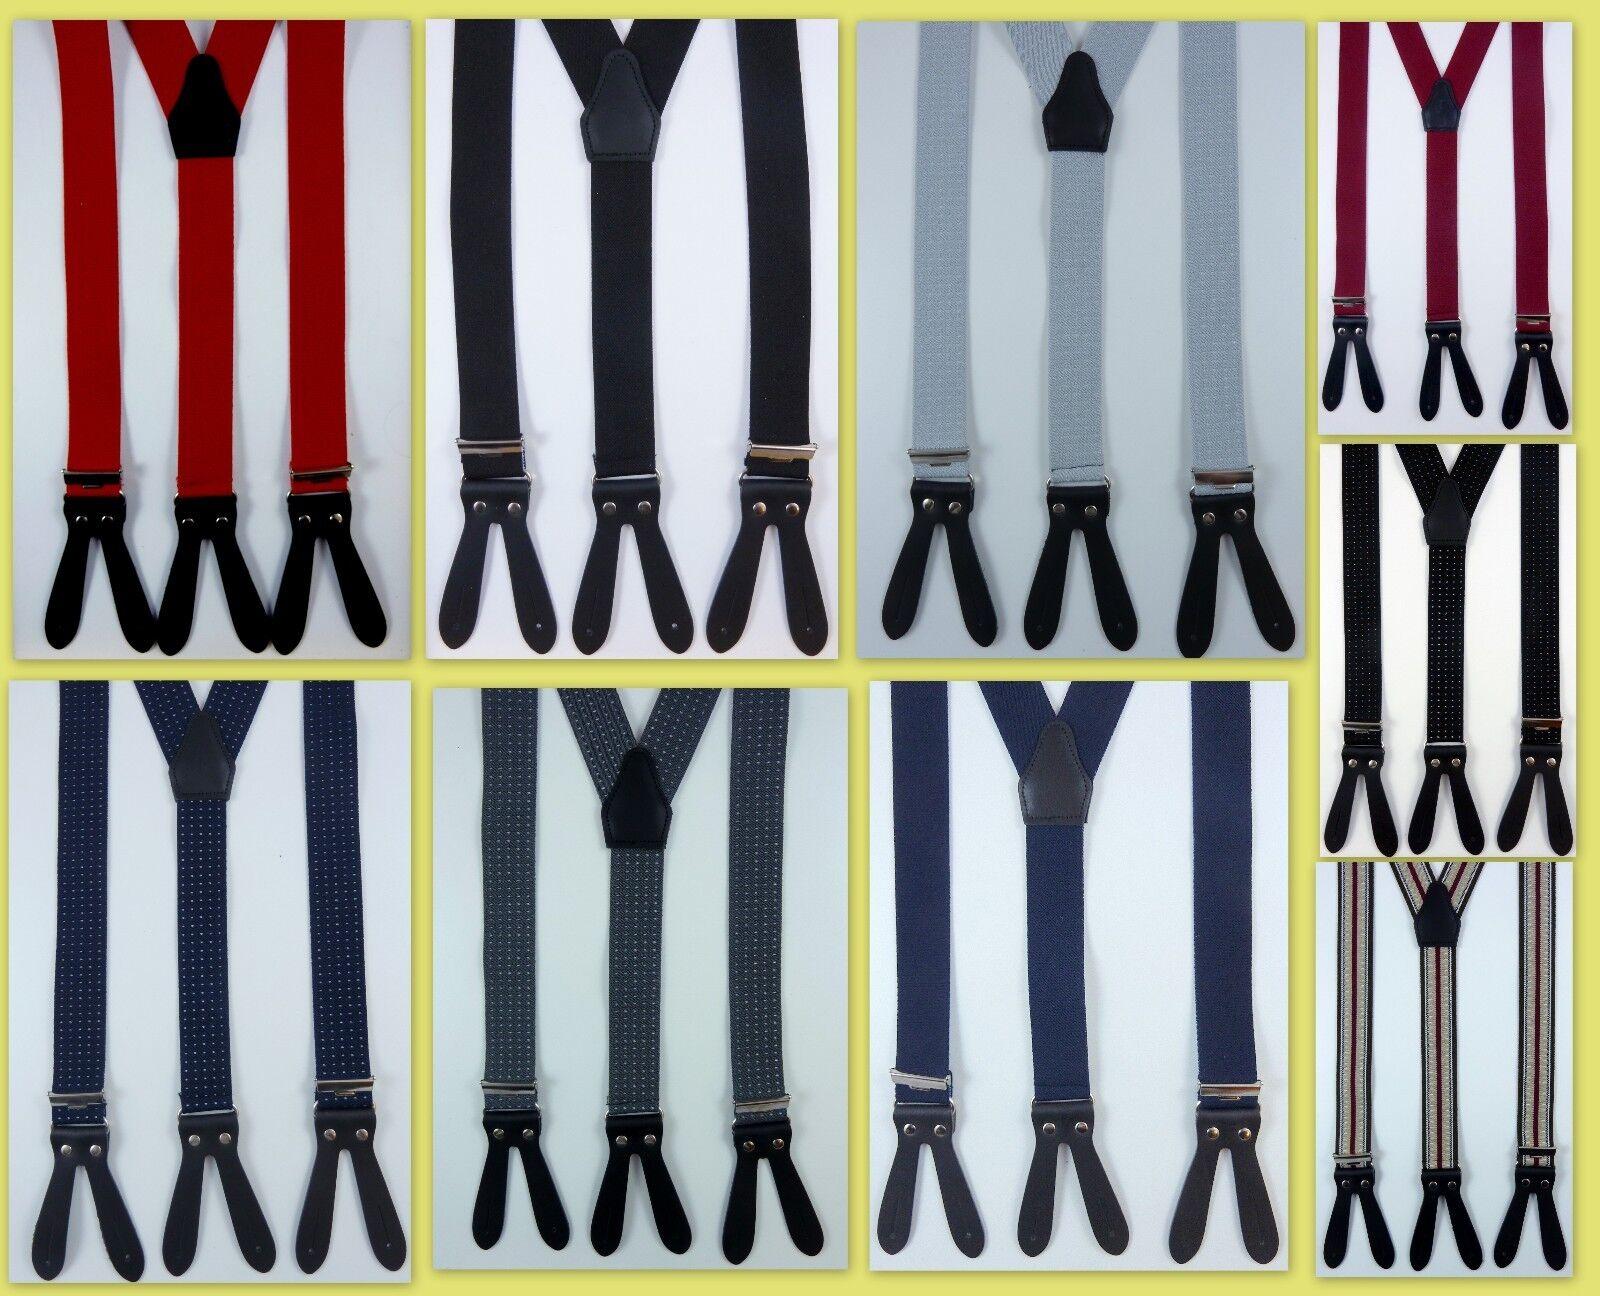 flotte Hosenträger mit Lederpatten zum knöpfen, viele Farben und Muster,